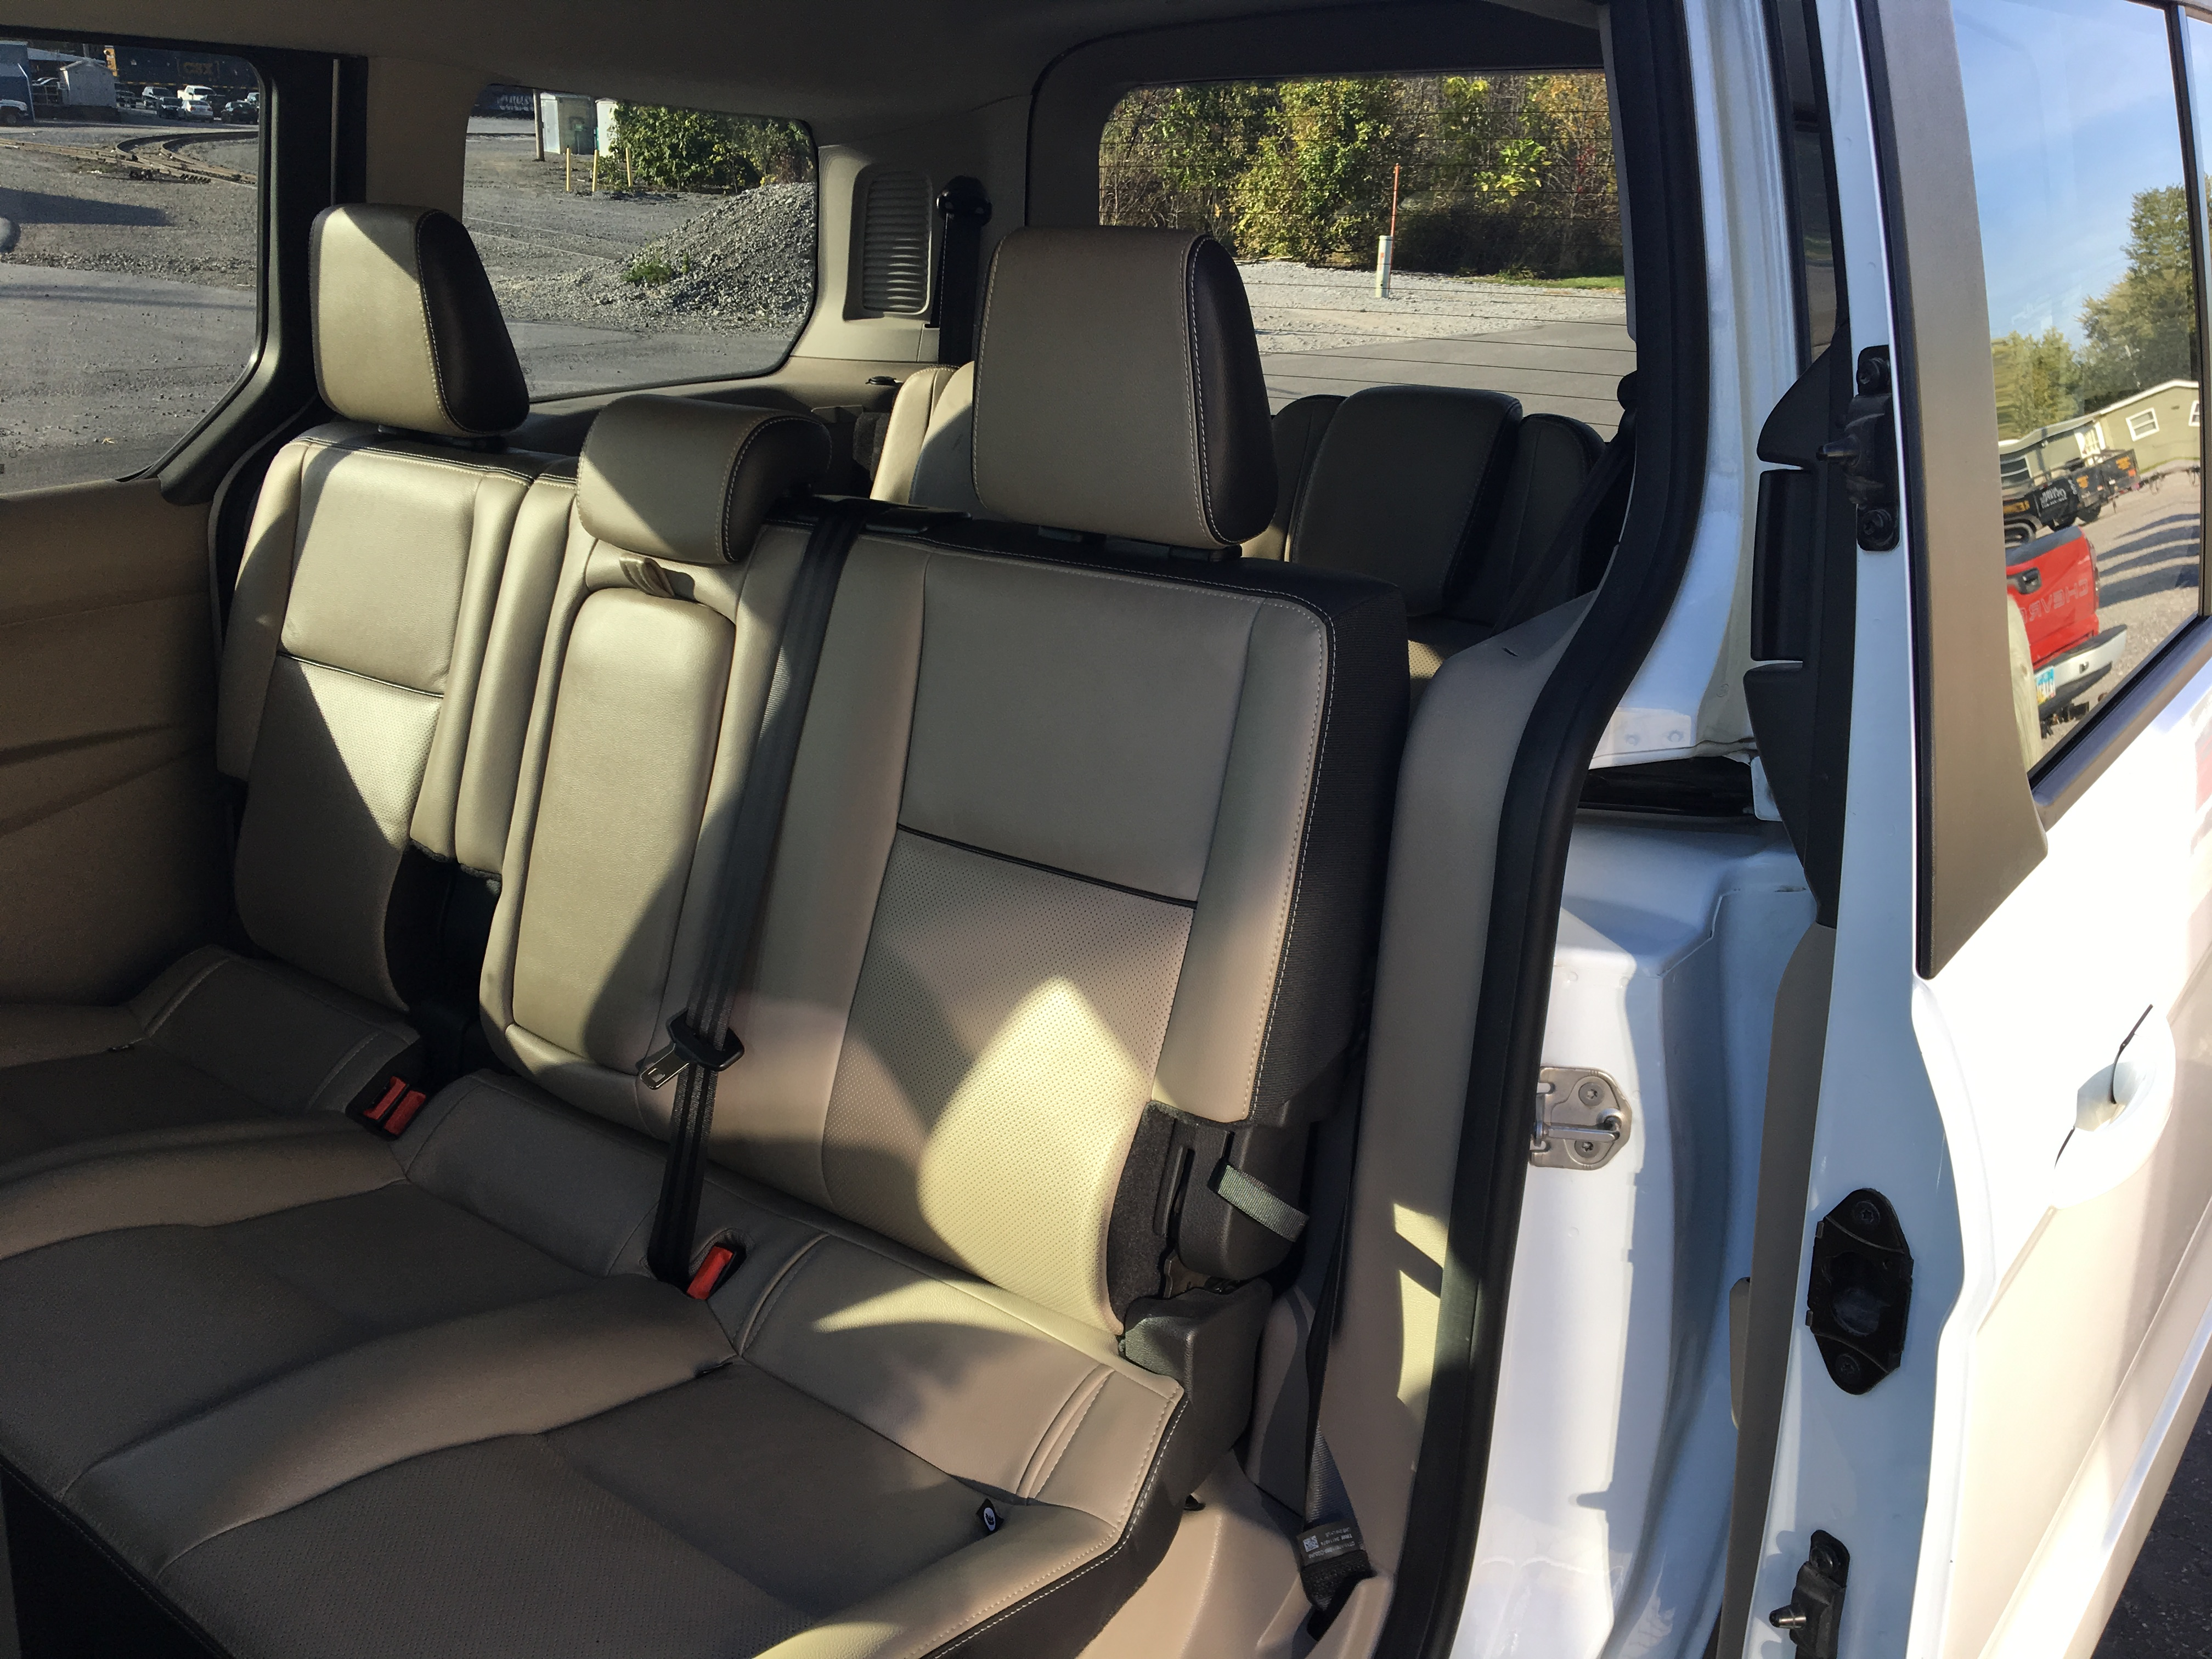 2015 Ford Transit XLT 7 passenger Vn